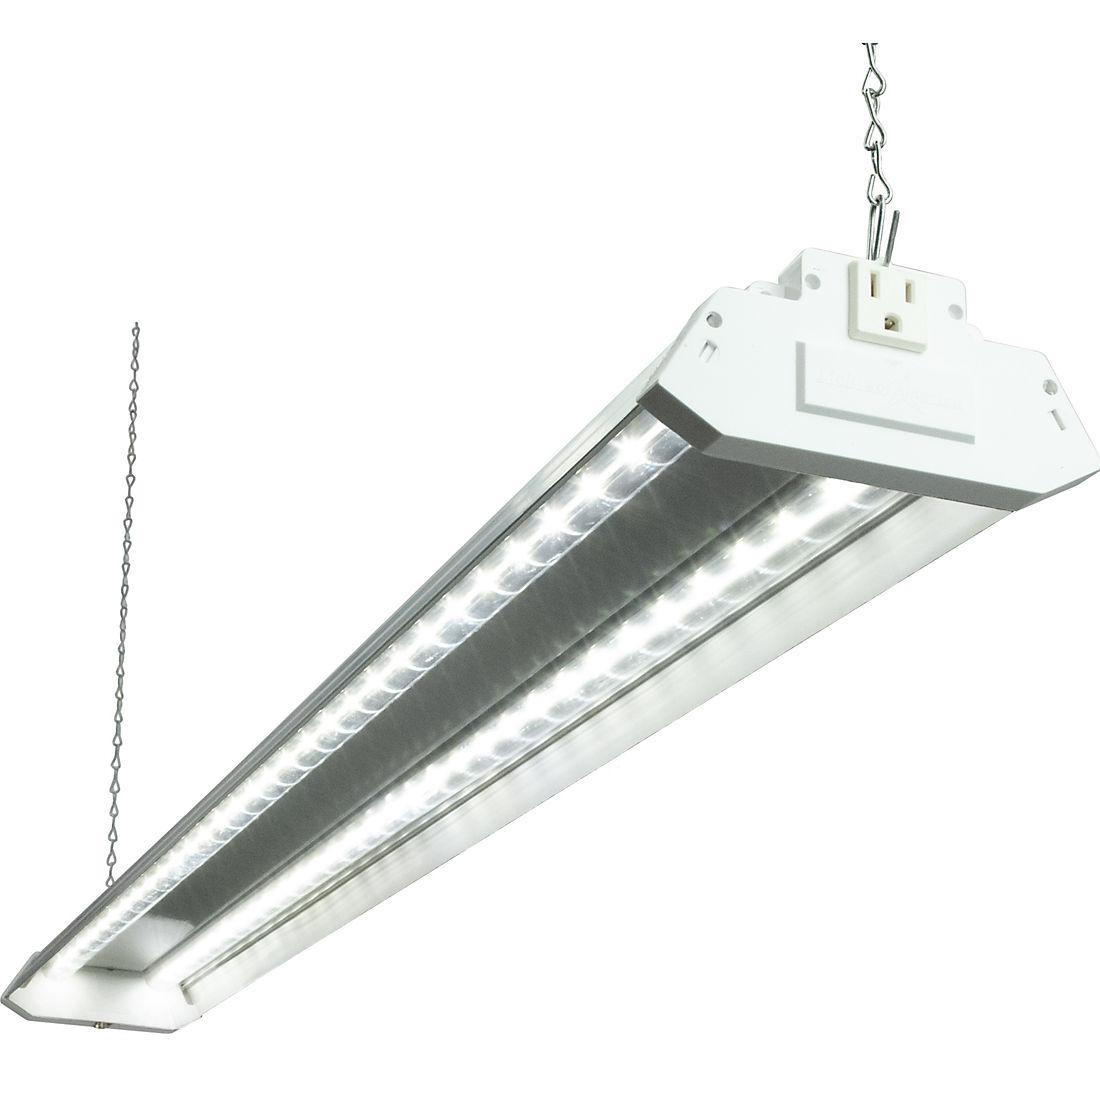 Lights of america linkable led shop light